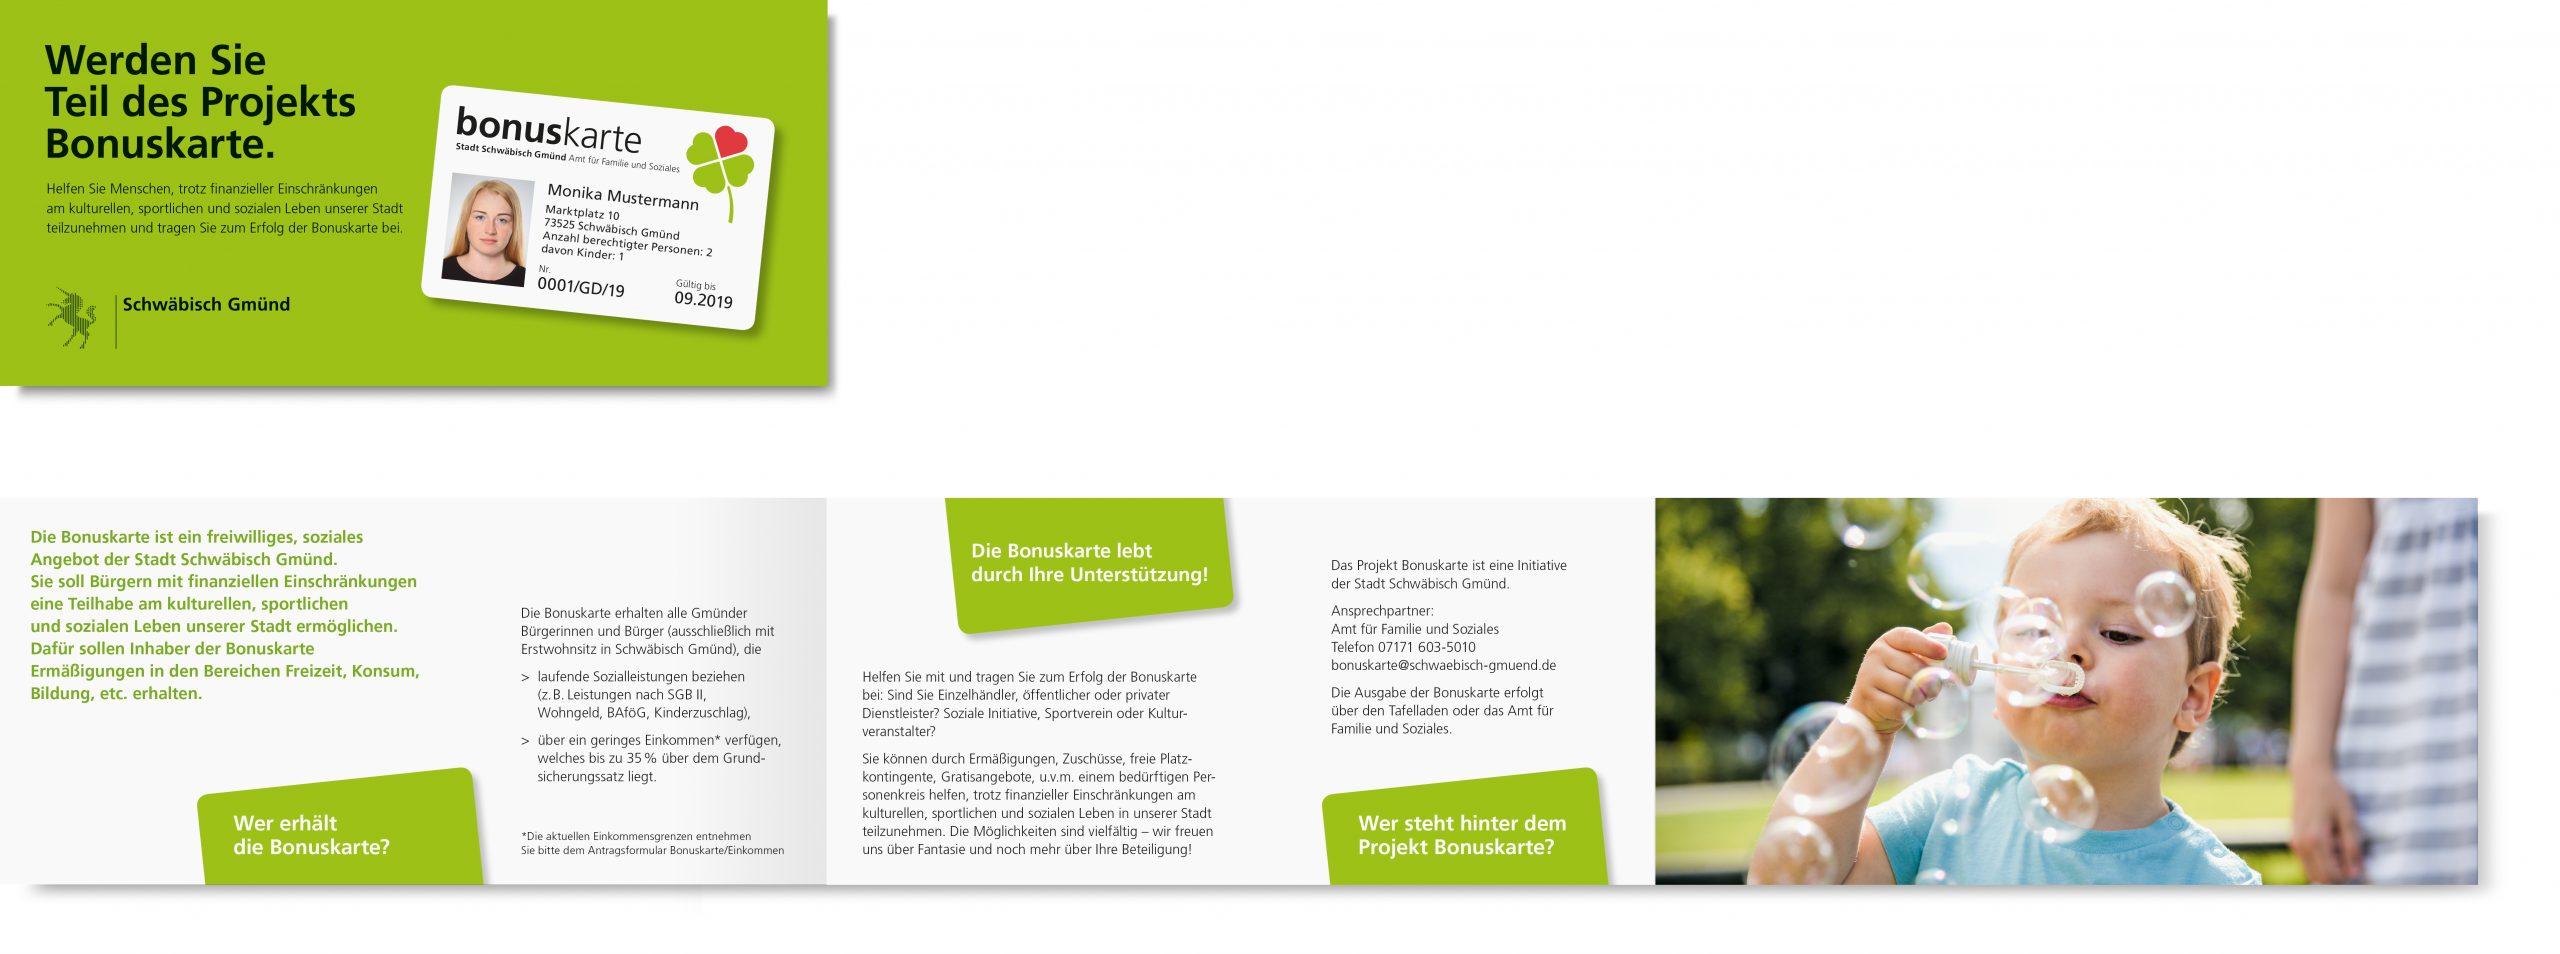 fh-web-flyer-bonuskarte-sponsoren-scaled.jpg